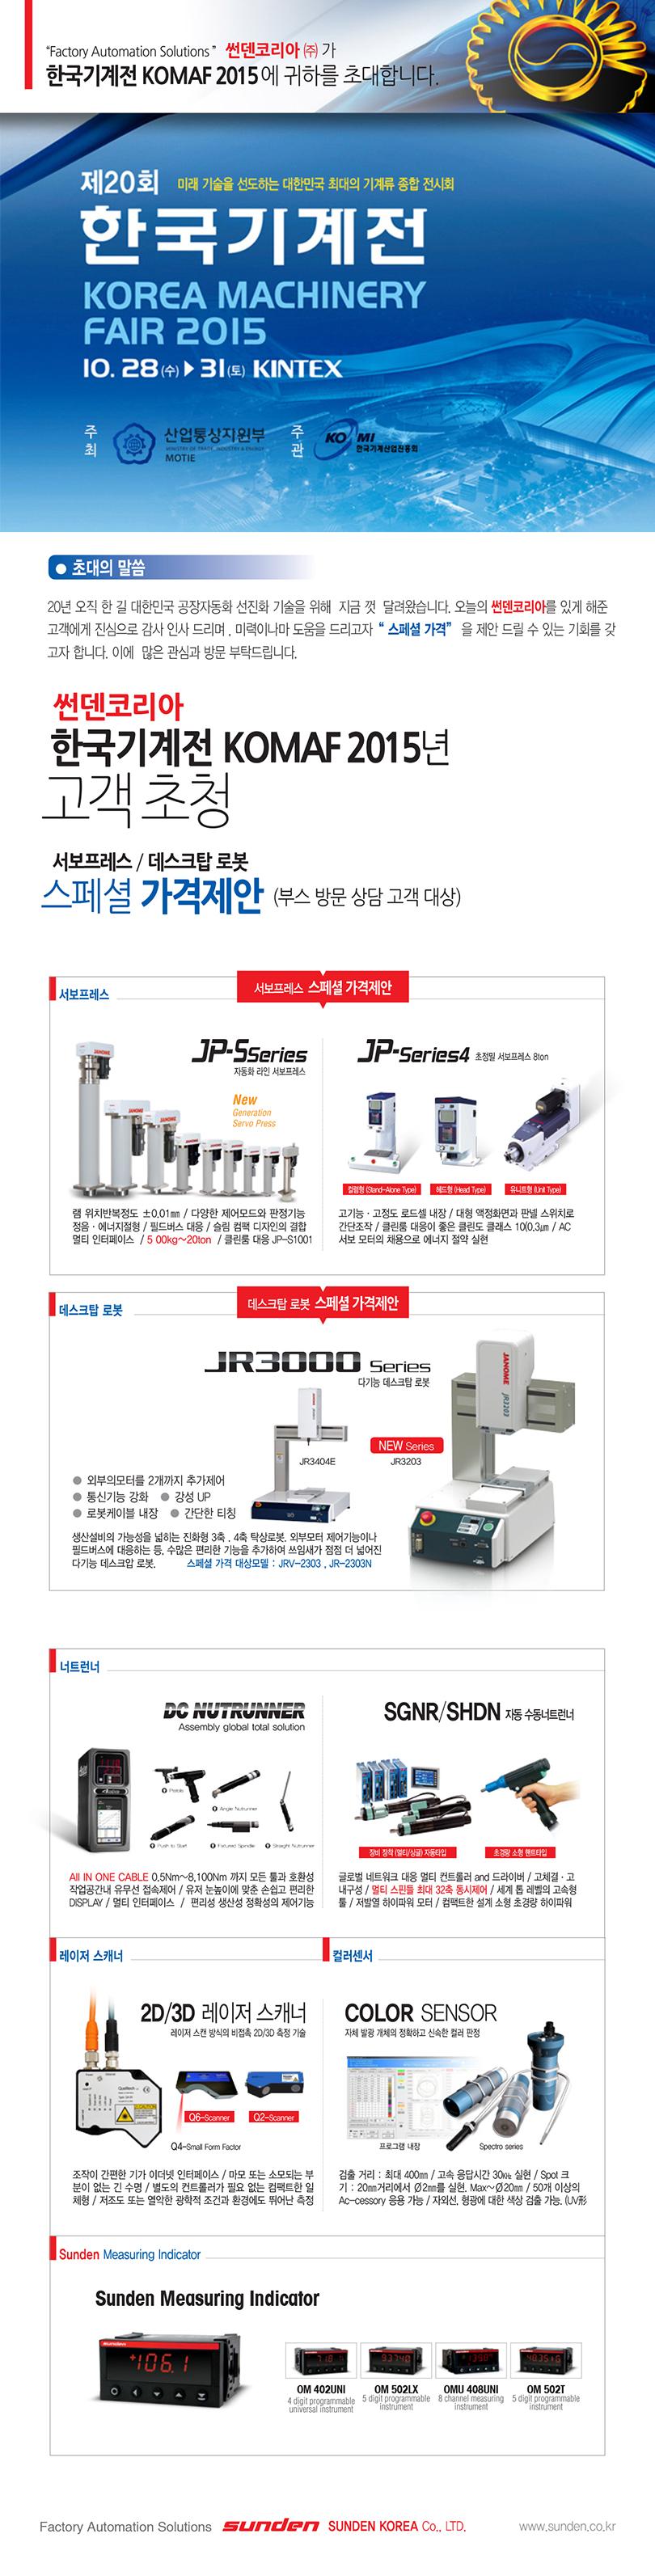 한국기계전 웹진_View